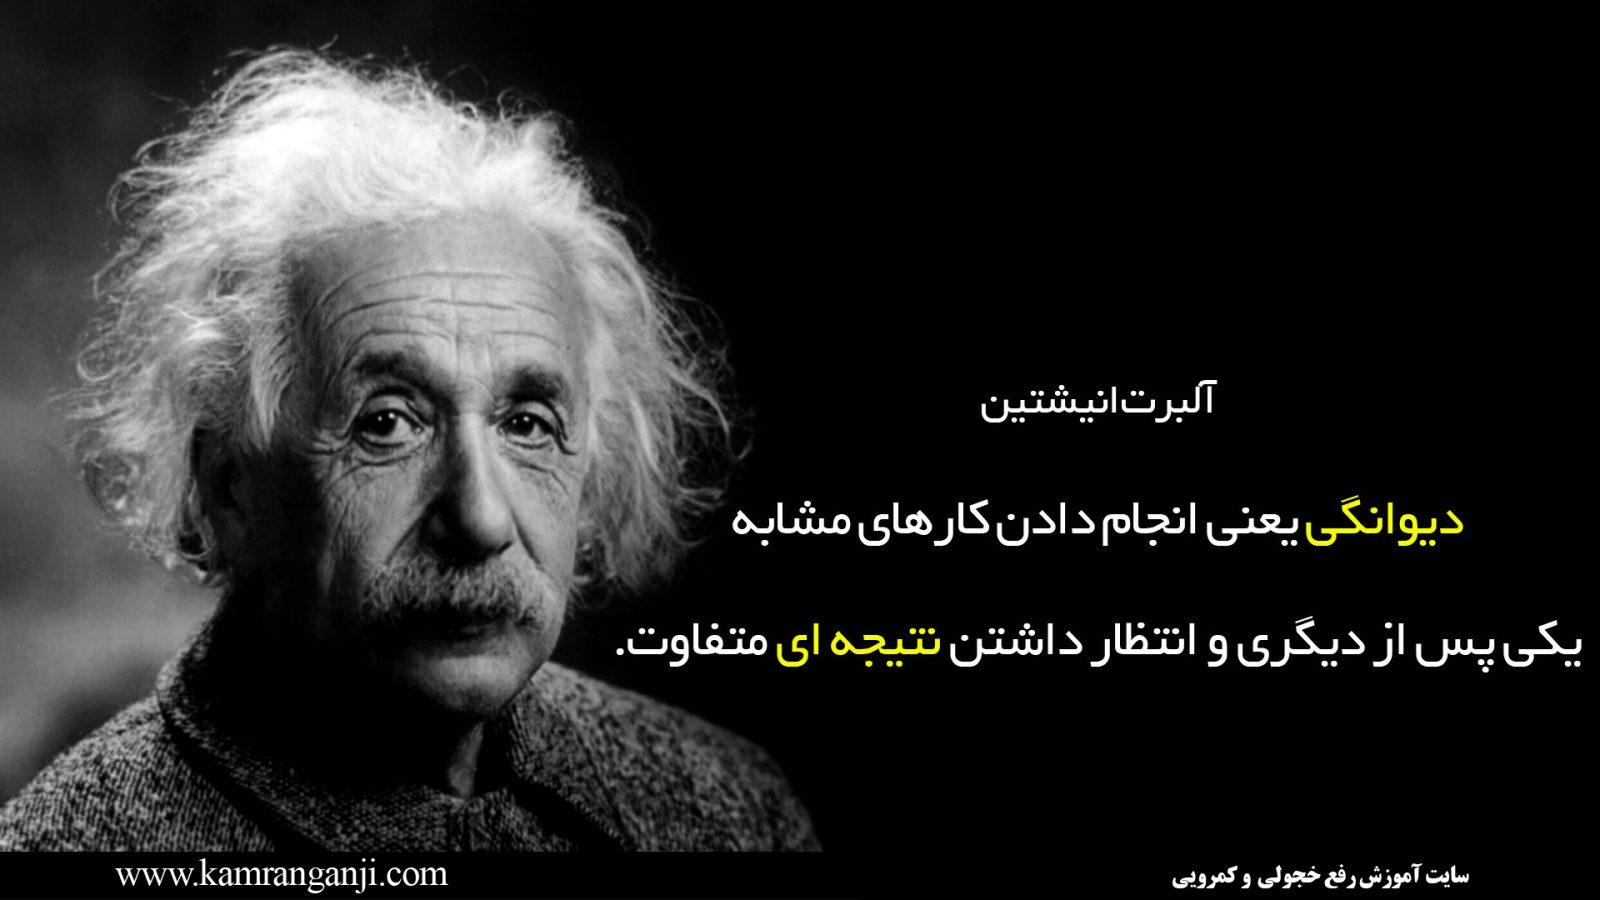 جملات انگیزشی - آلبرت انیشتین